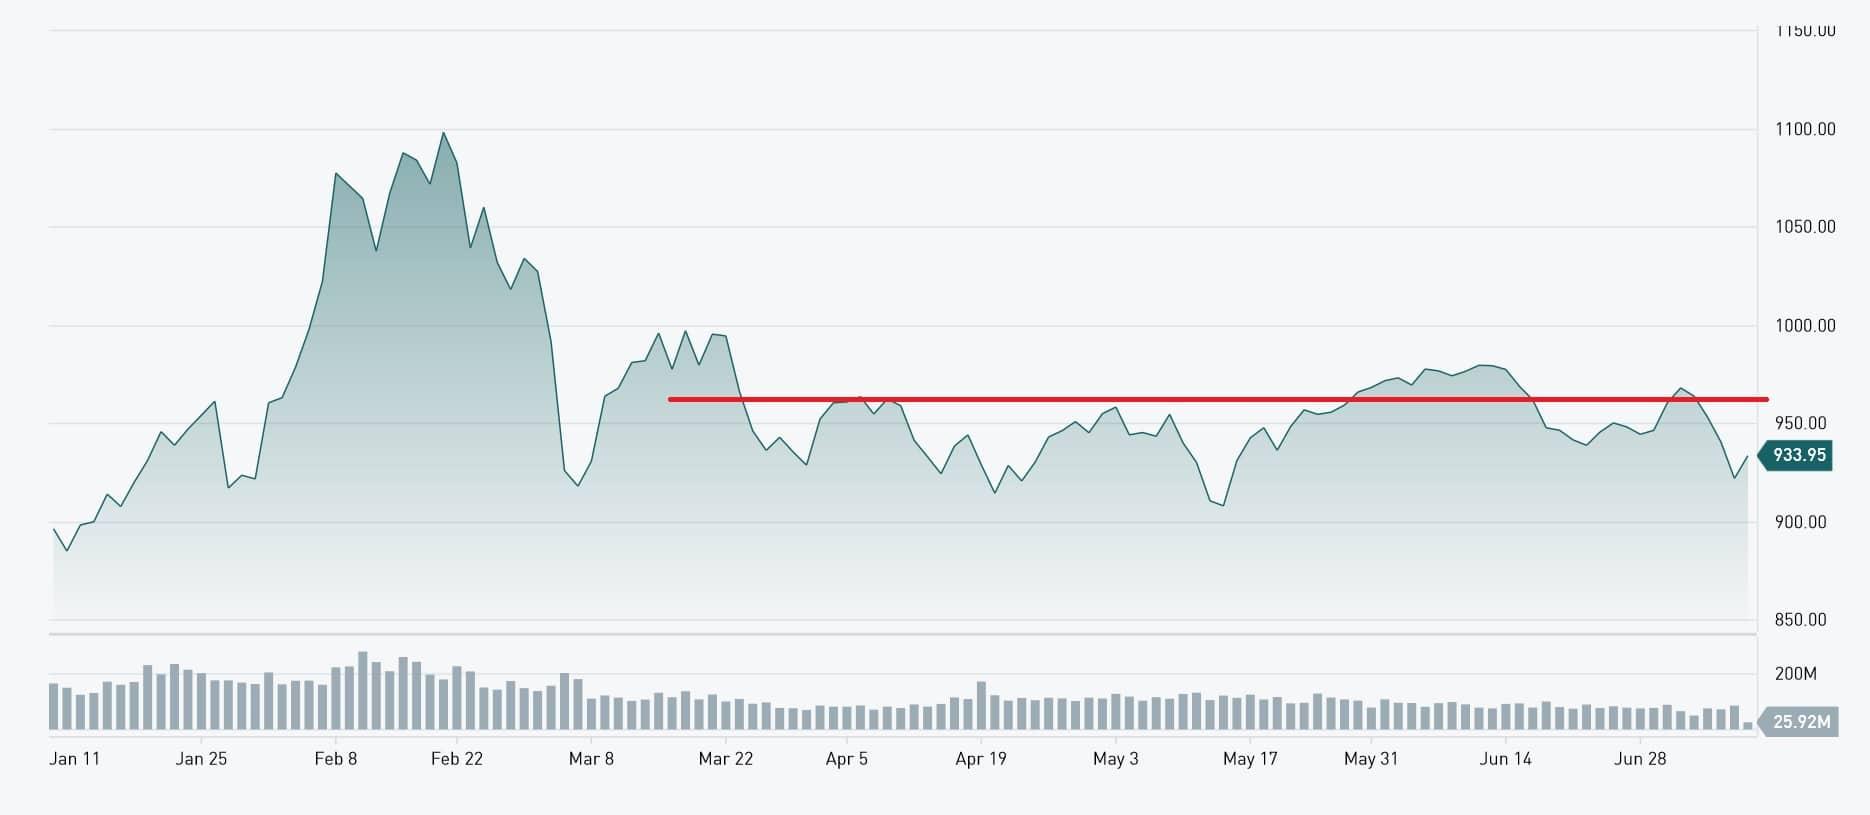 TSX Venture remains range bound